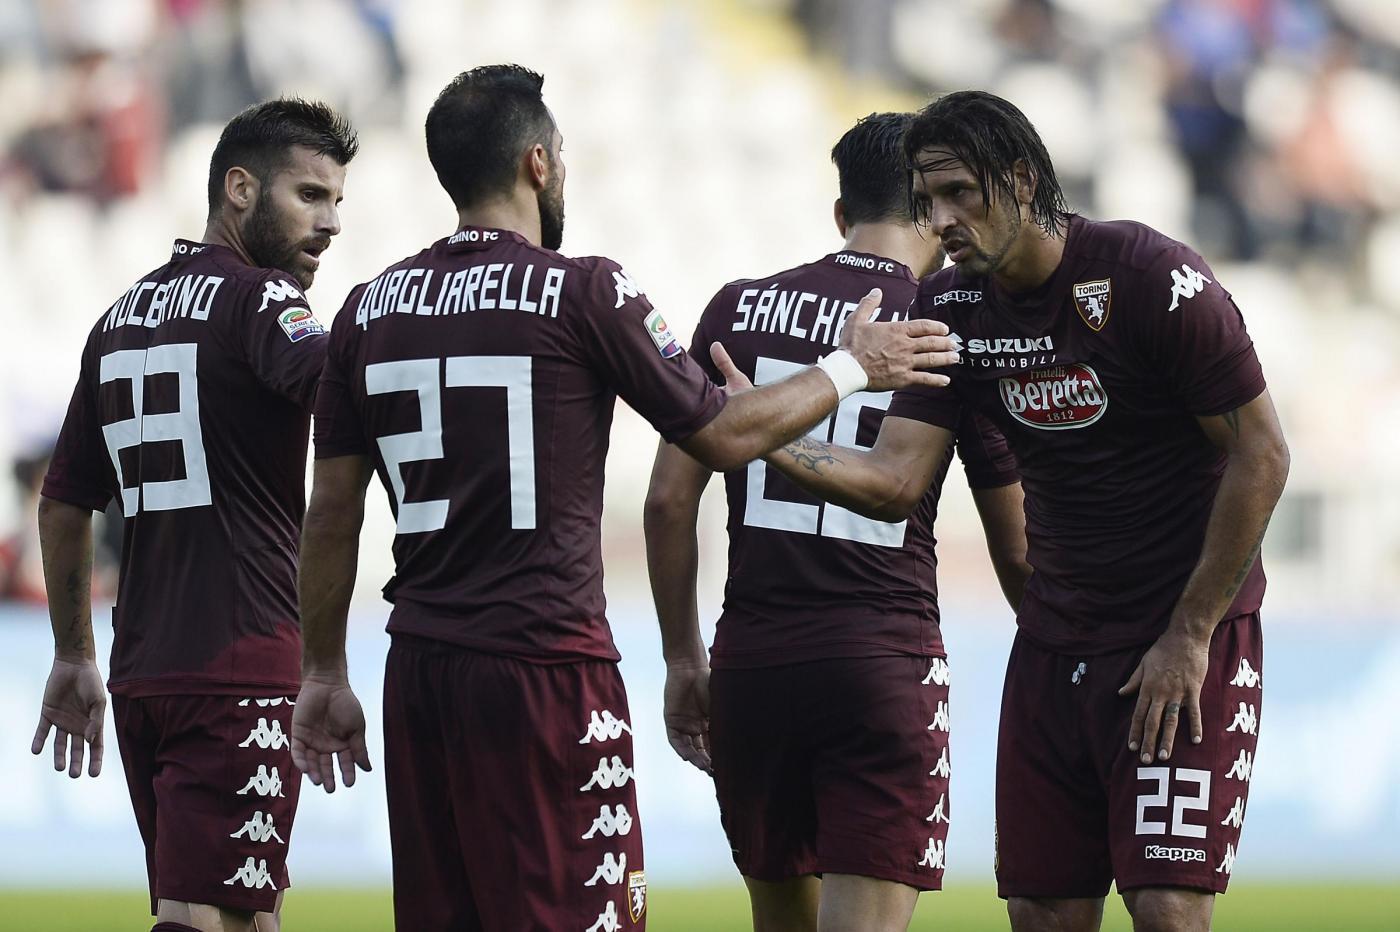 Pagelle Serie A: i voti della settima giornata